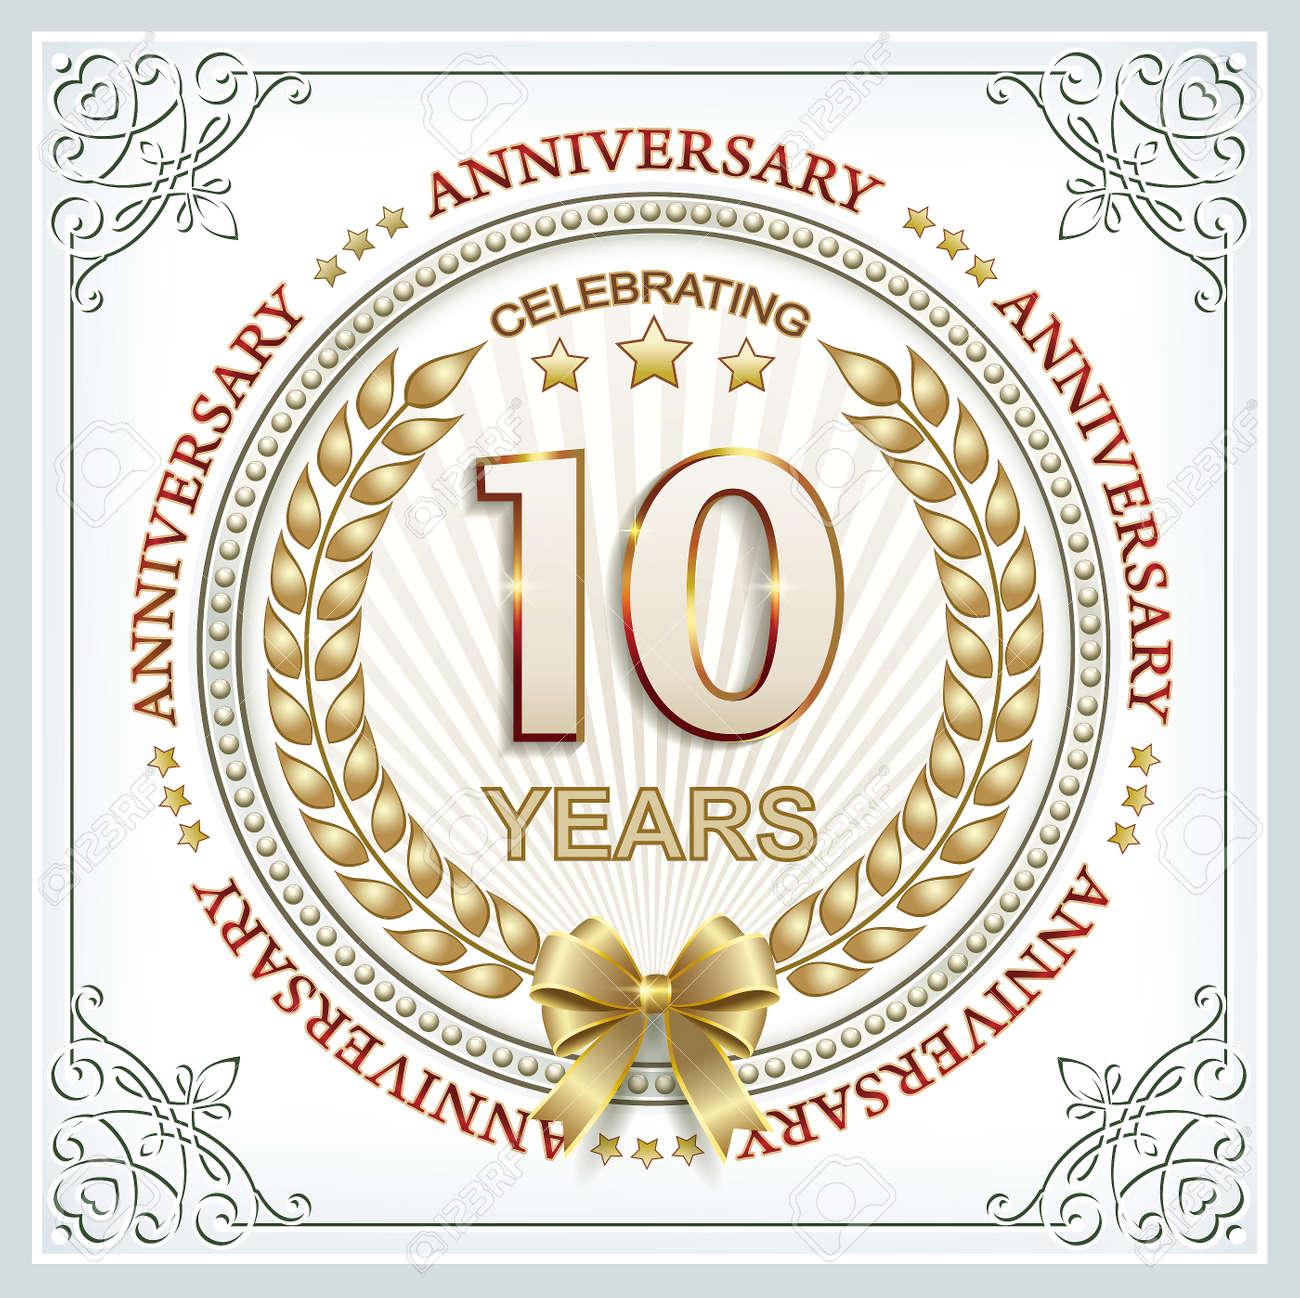 10 Year Wedding Anniversary.Wedding Anniversary 10 Years